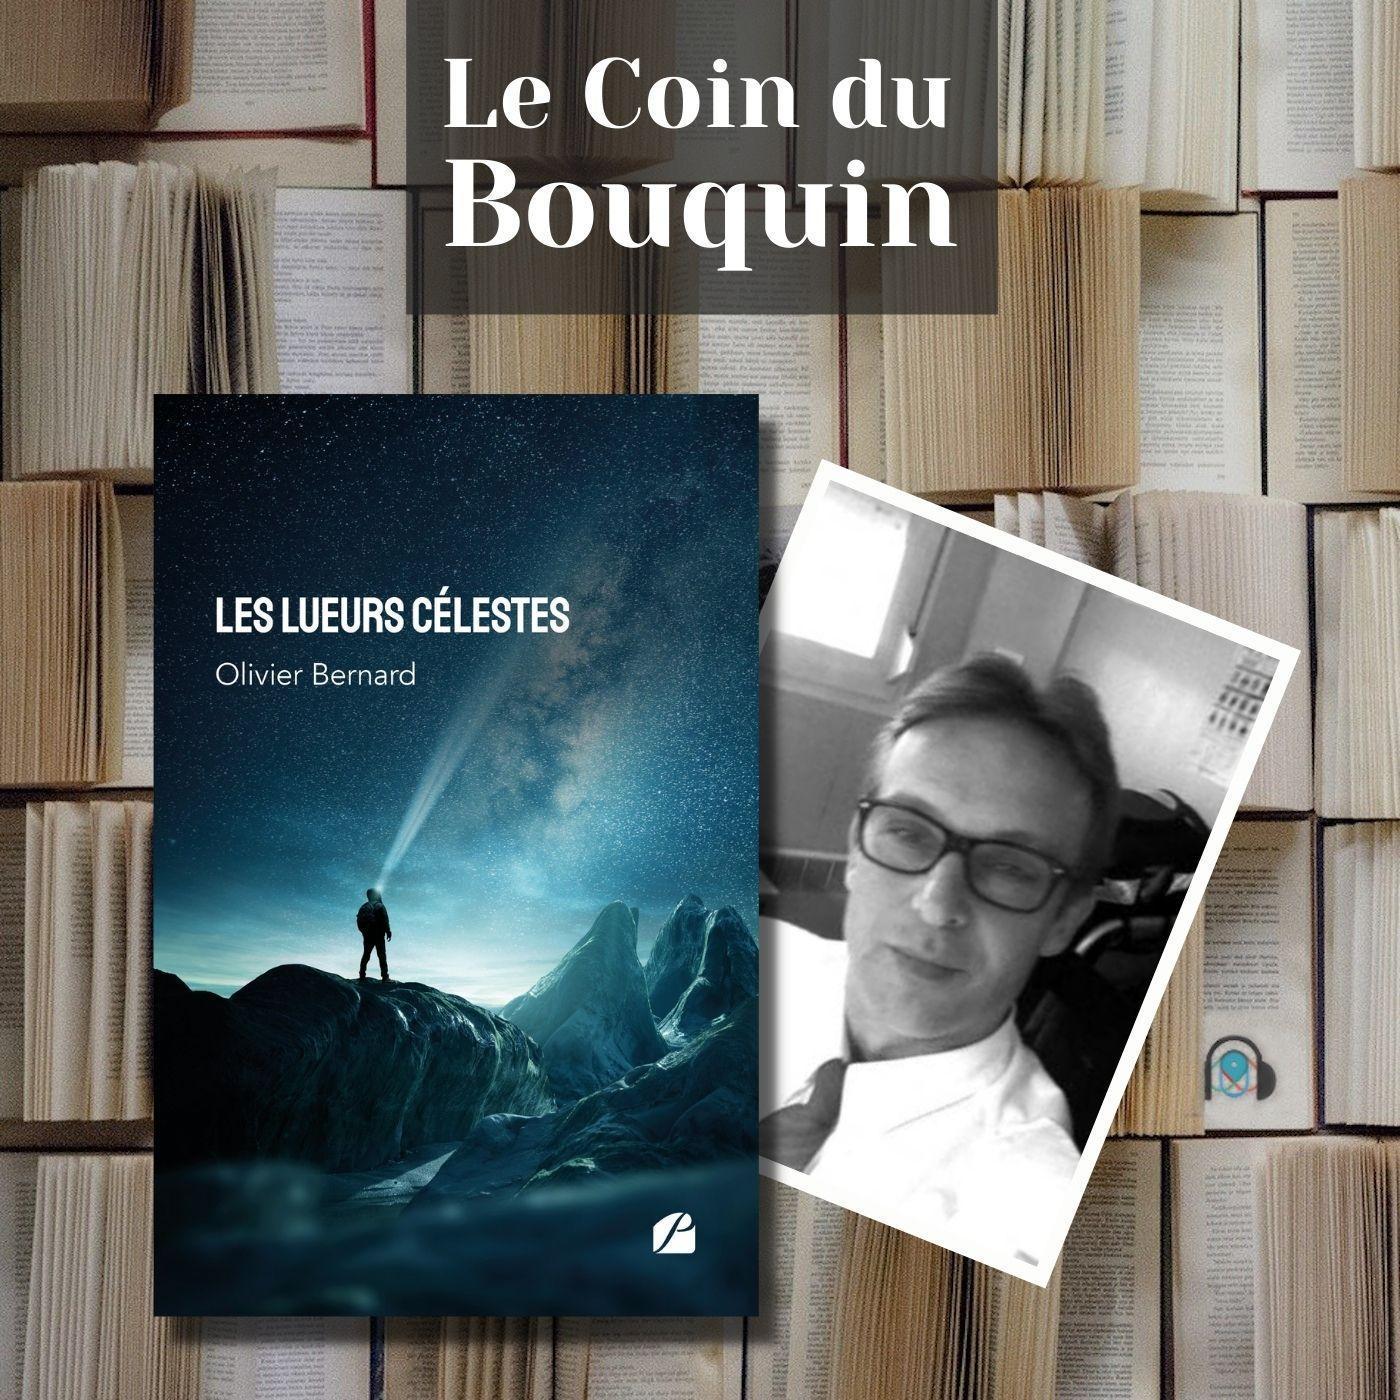 LE COIN DU BOUQUIN : Olivier Bernard - Les lueurs Celestes